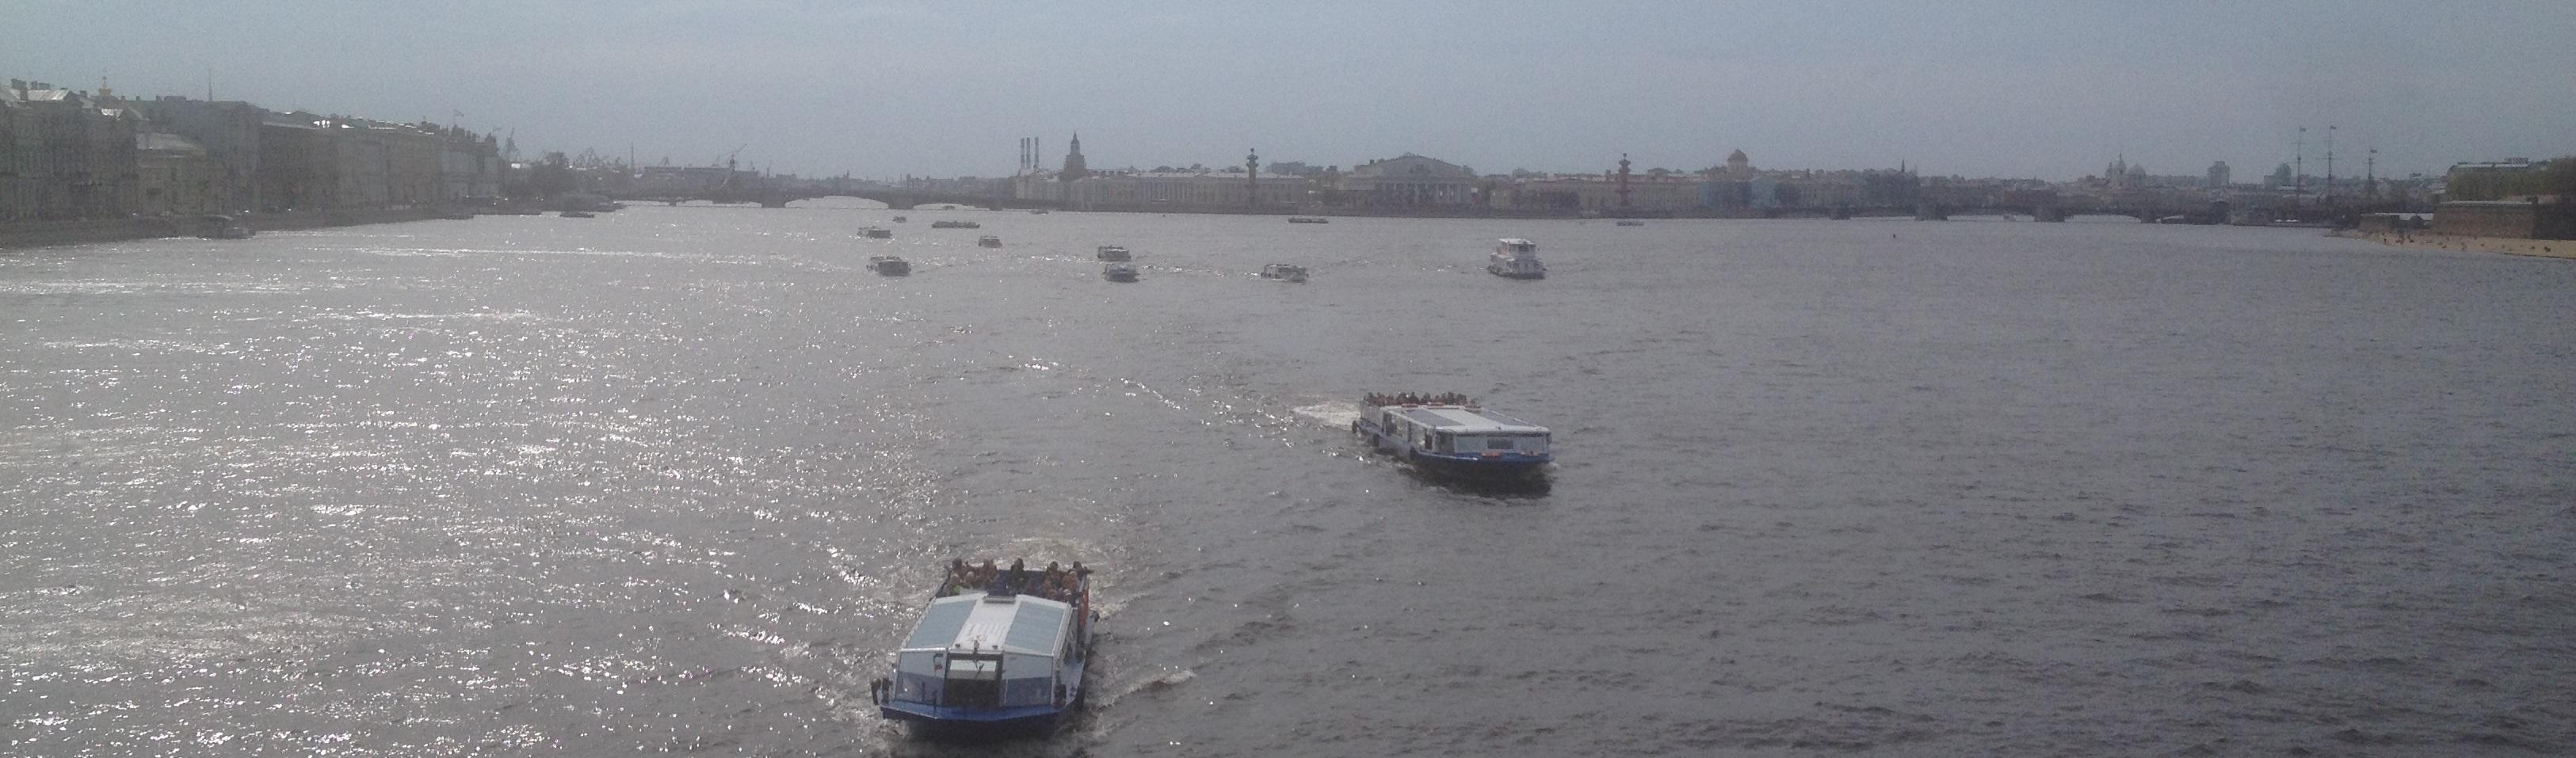 Перевозки Москва Санкт-Петербург